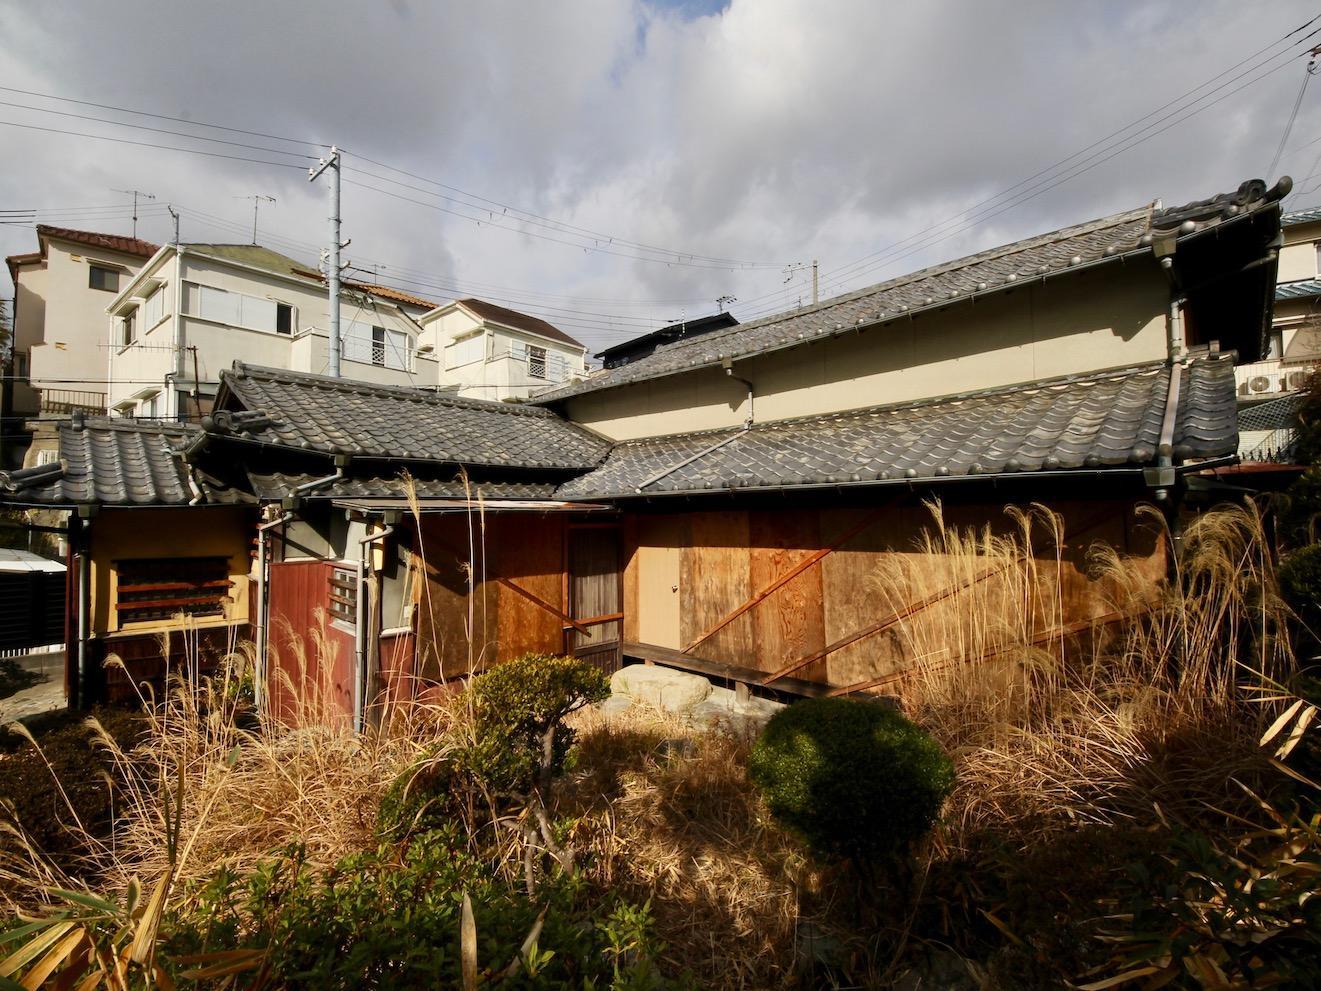 平家建の建物(窓は内部保護のため封鎖されています)